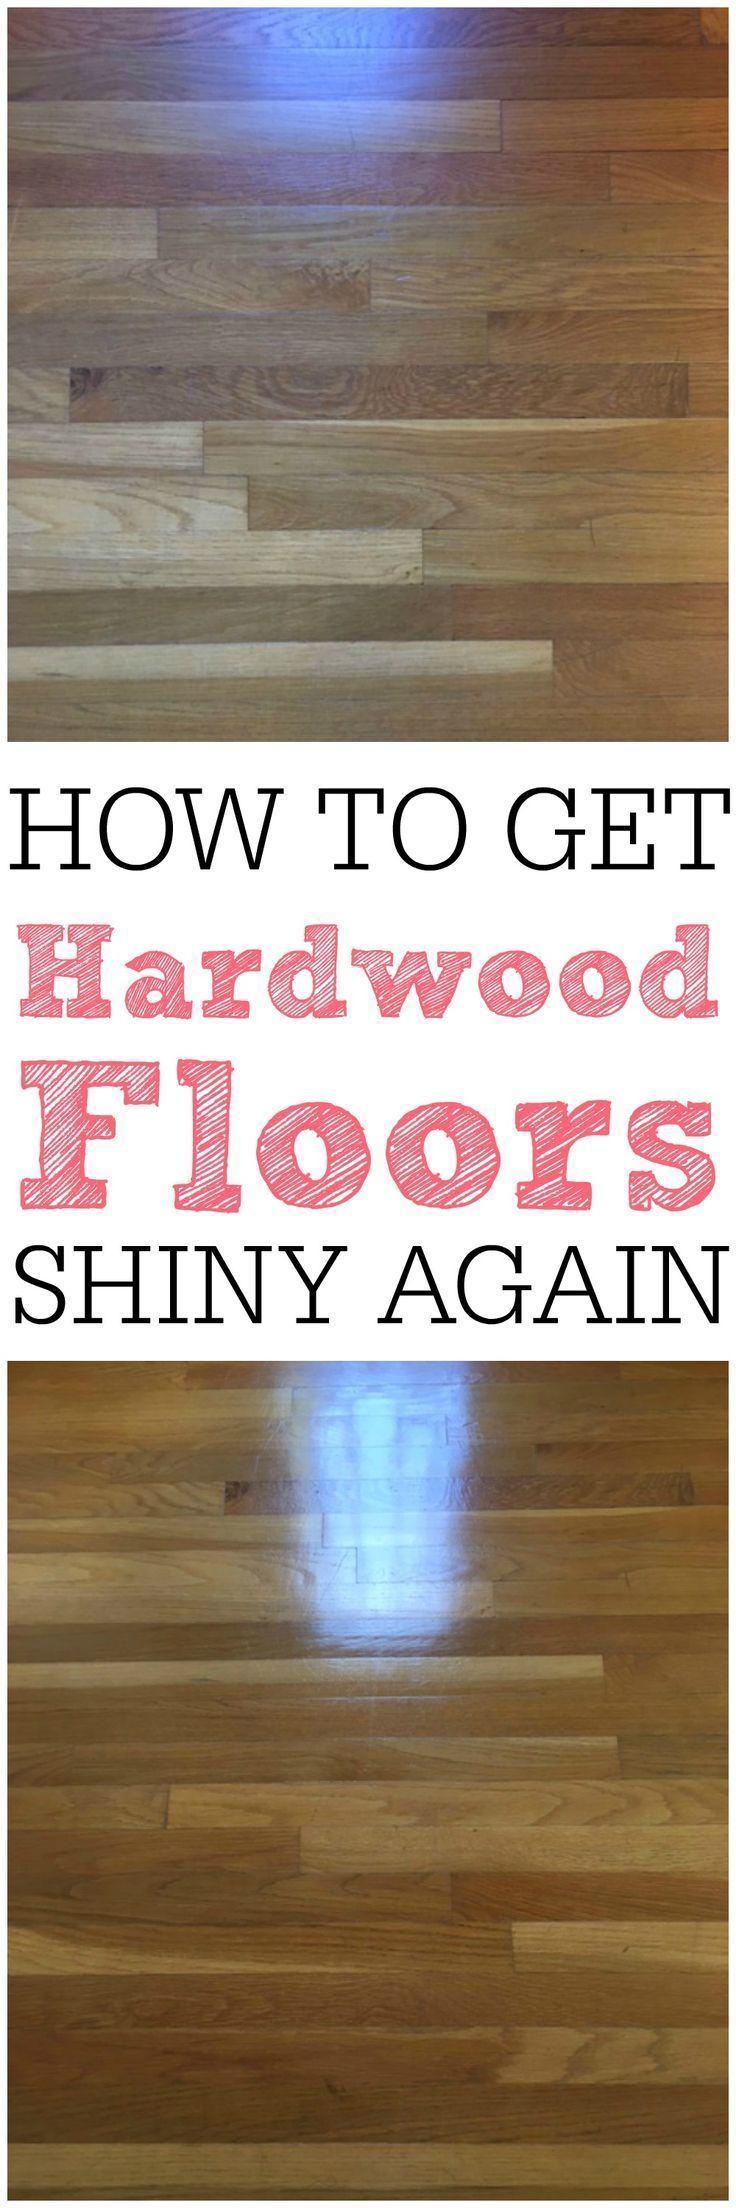 1477 best household tips images on pinterest for Hardwood floors not shiny